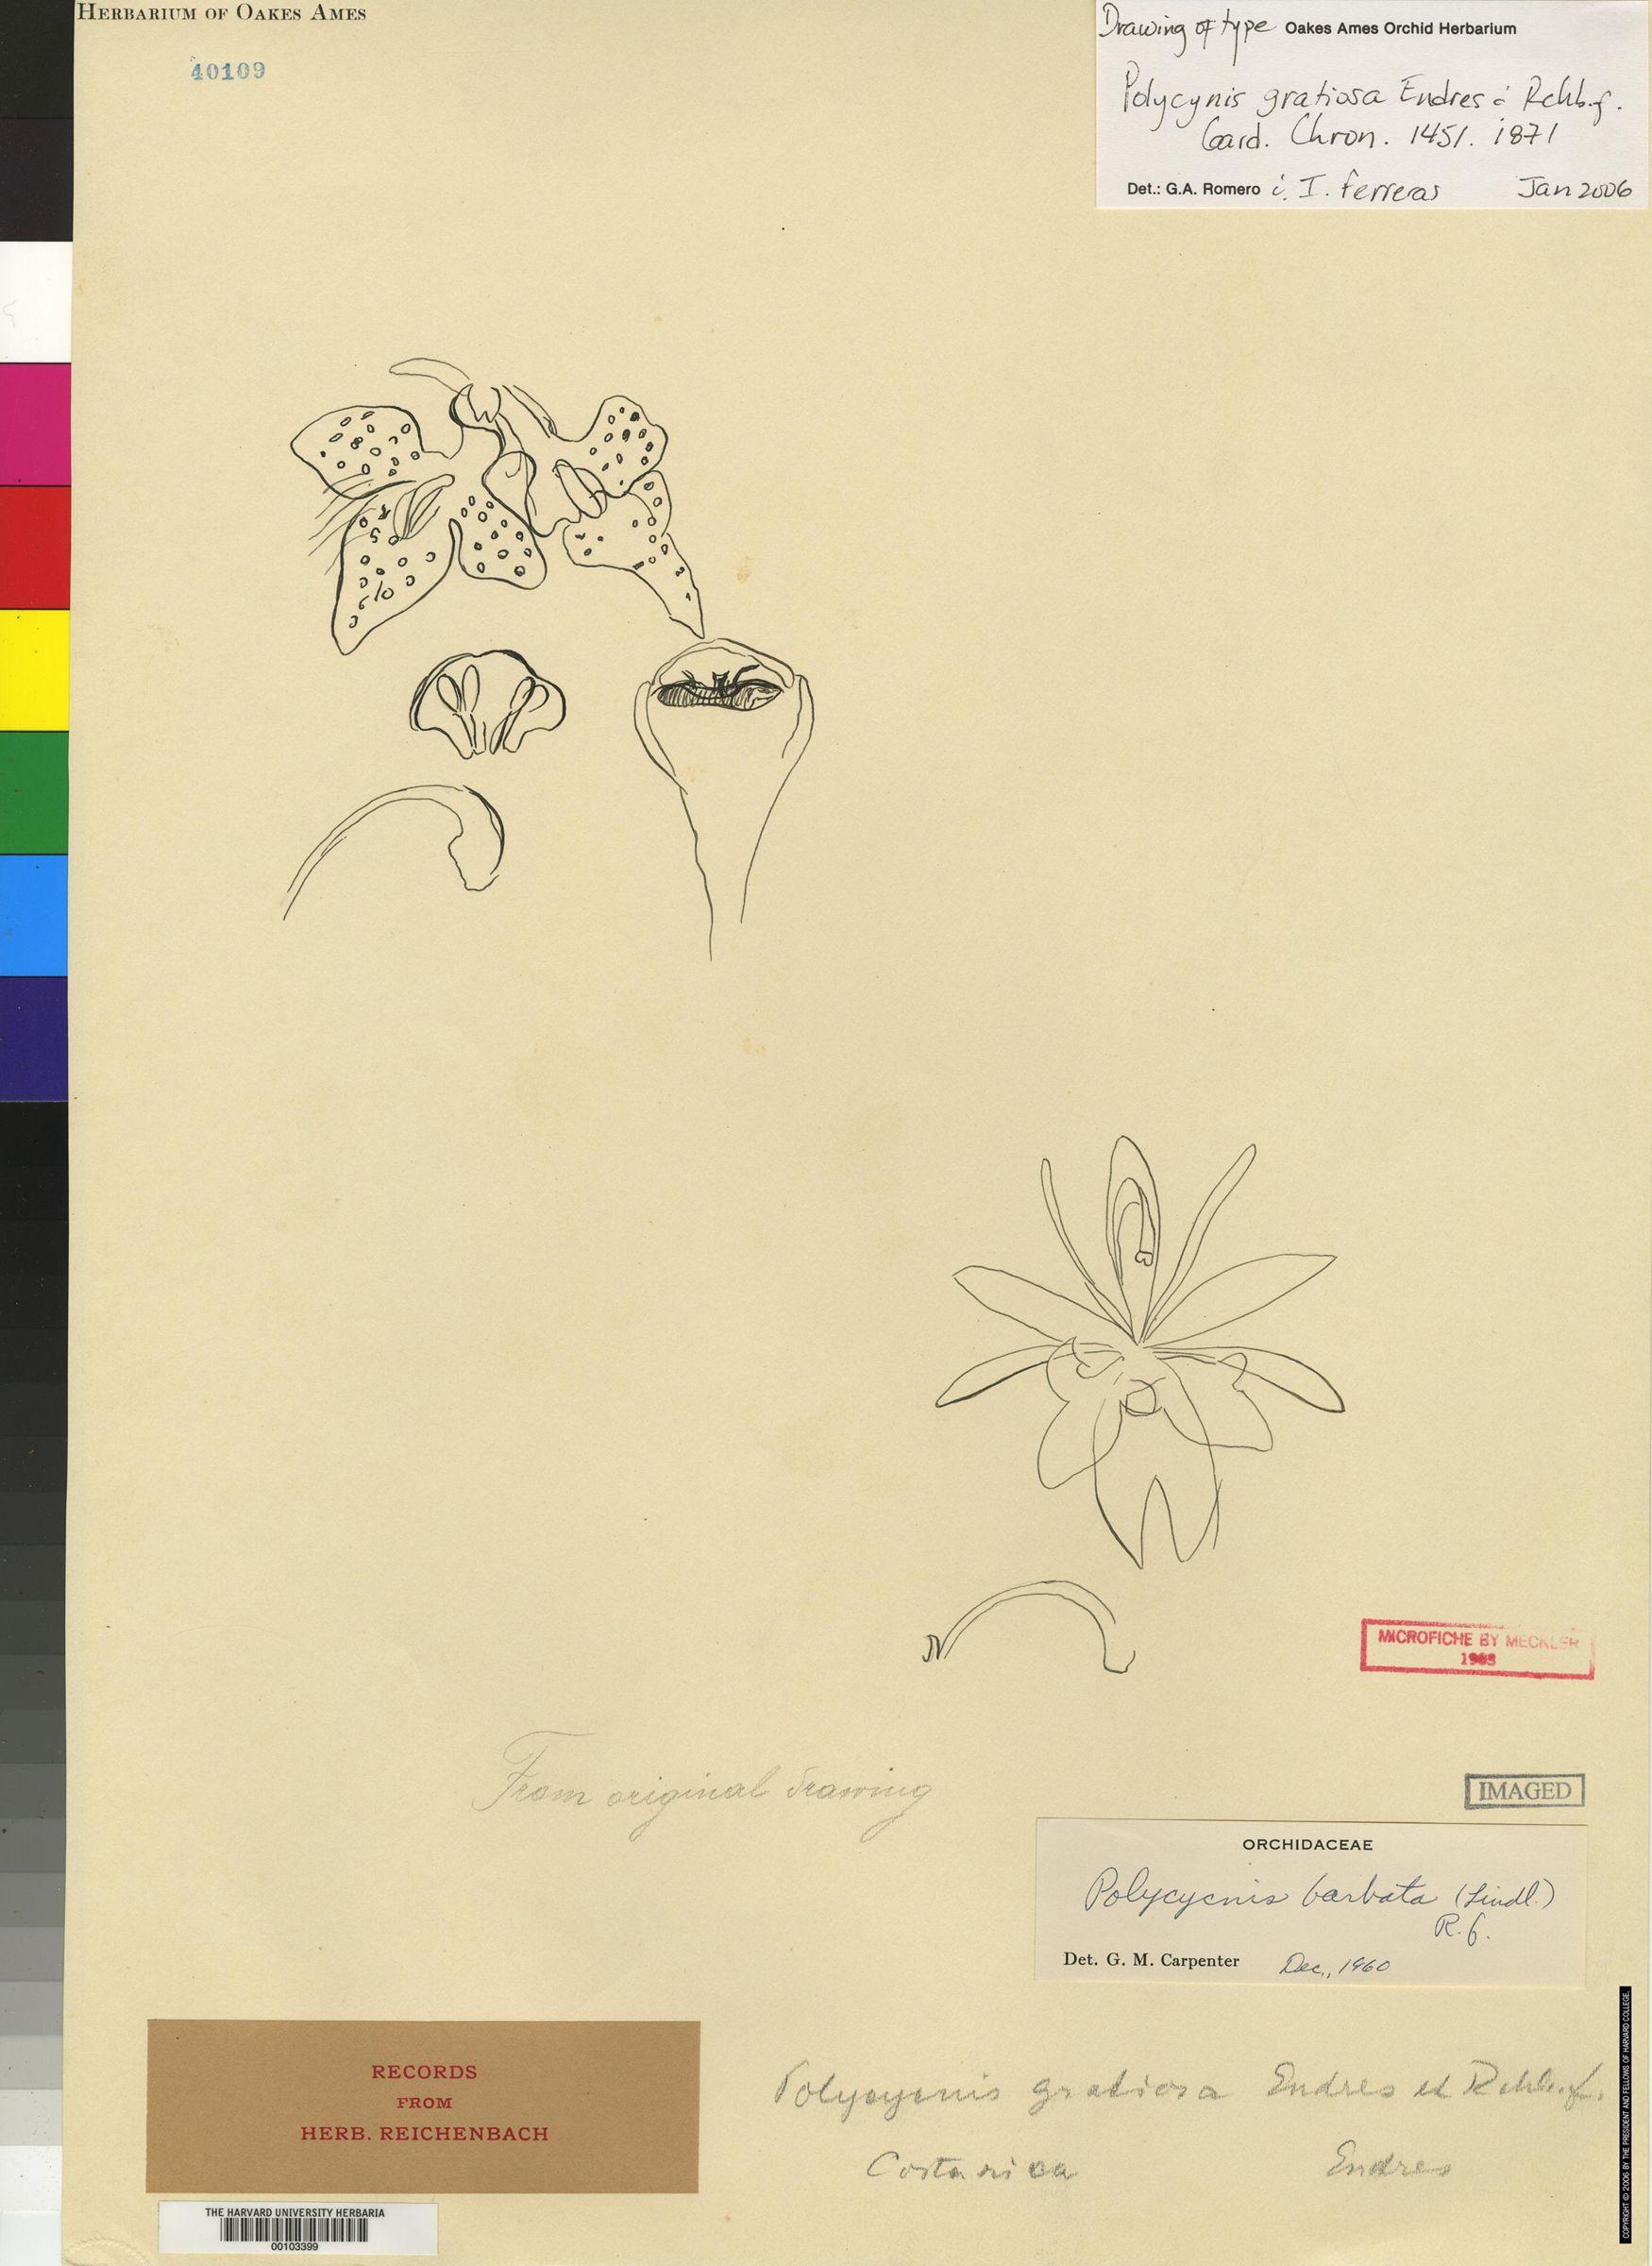 Polycycnis gratiosa image